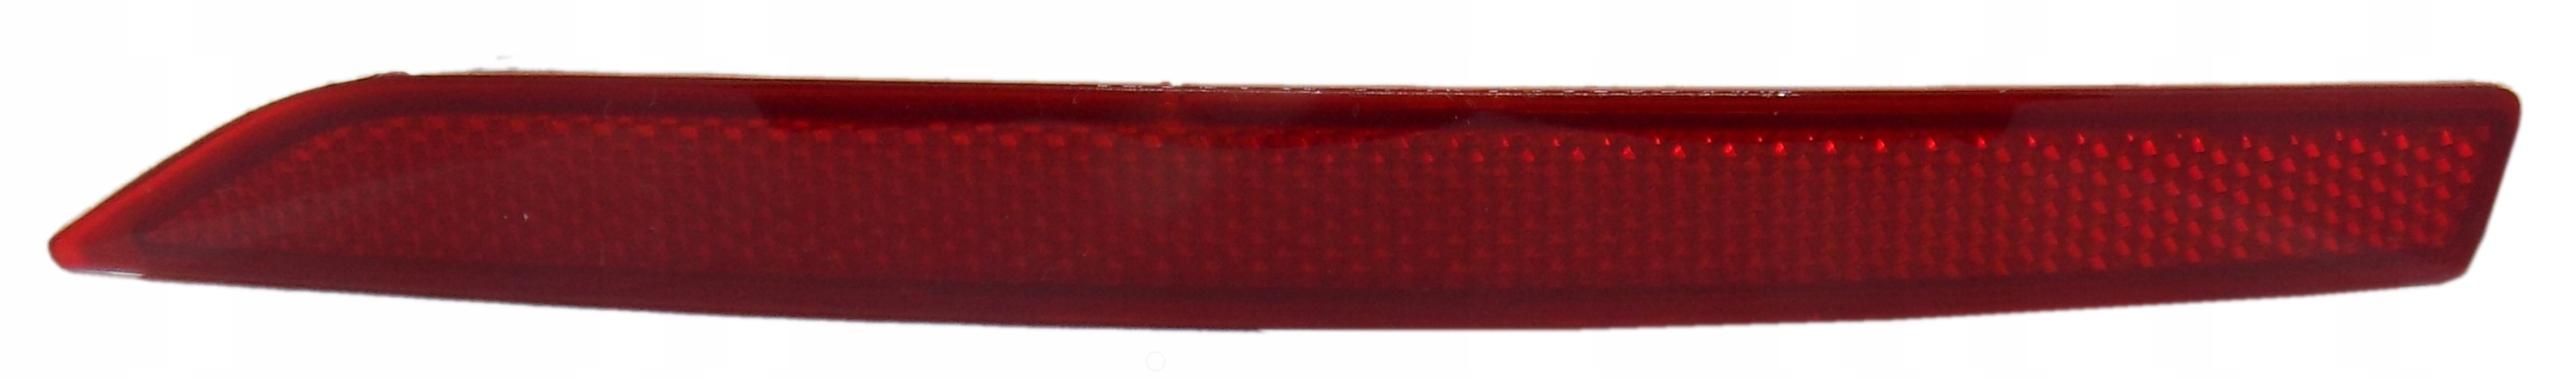 bmw 3 f30 f31 отблеск диафрагма бампера задняя панель правый